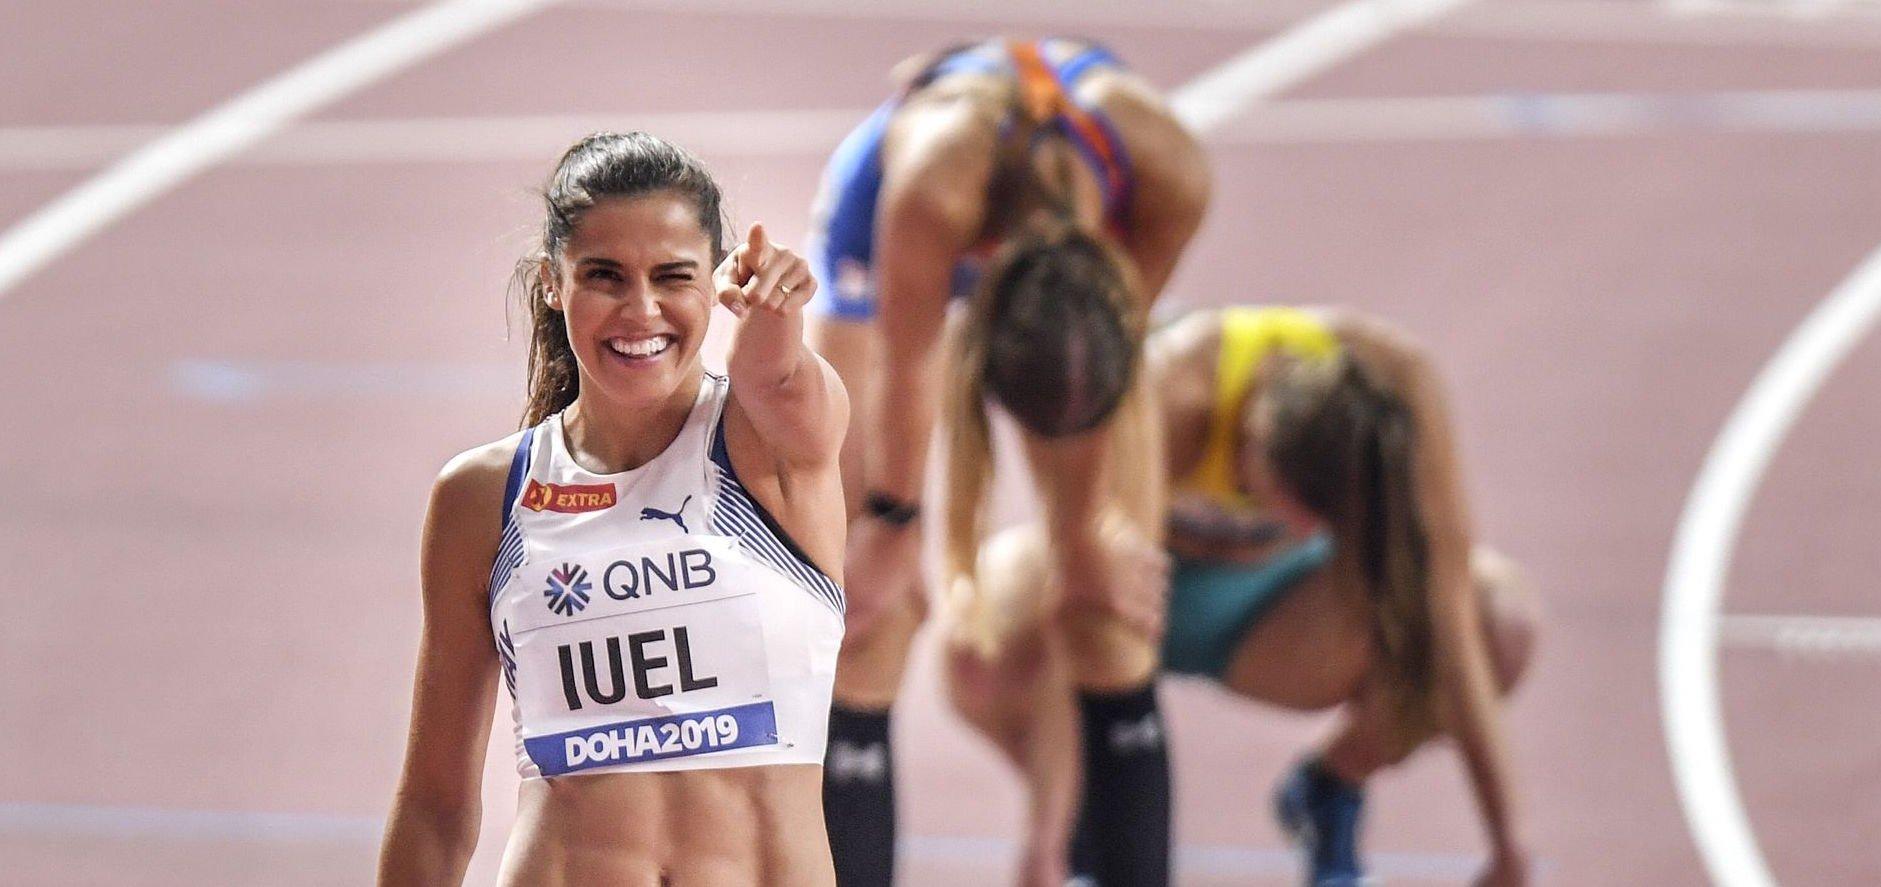 Amalie Iuel (1)-1